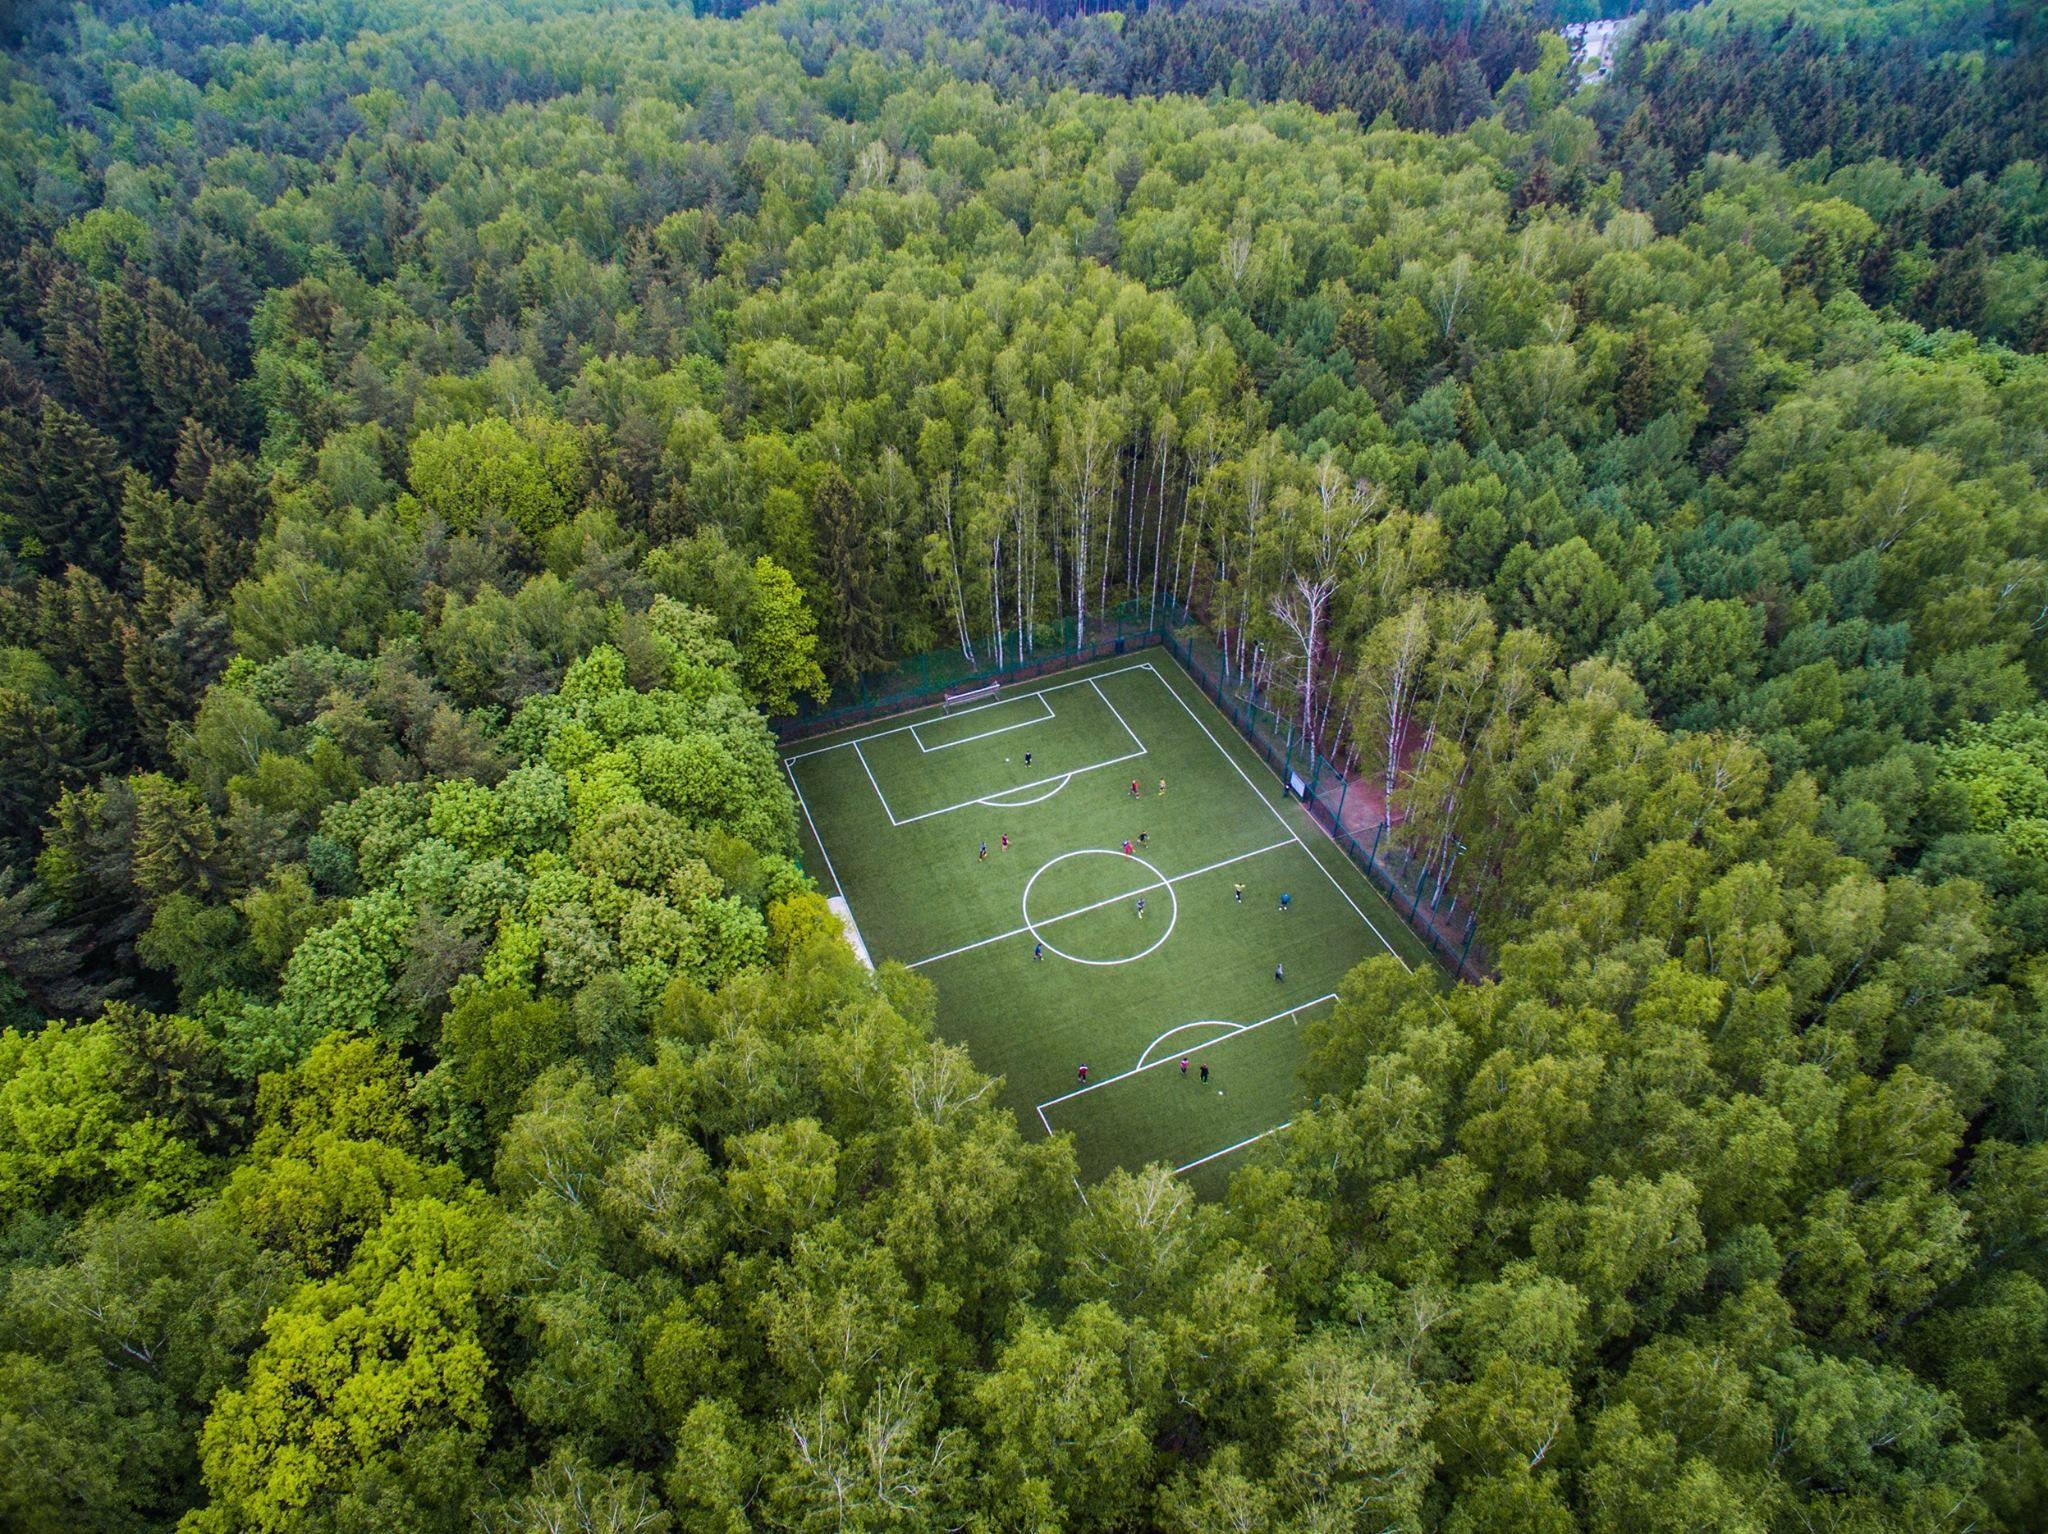 Бамбуковые щетки, гольф-поле  и зеленые мастер-классы:  как «Ташир» возводит эко-квартал будущего